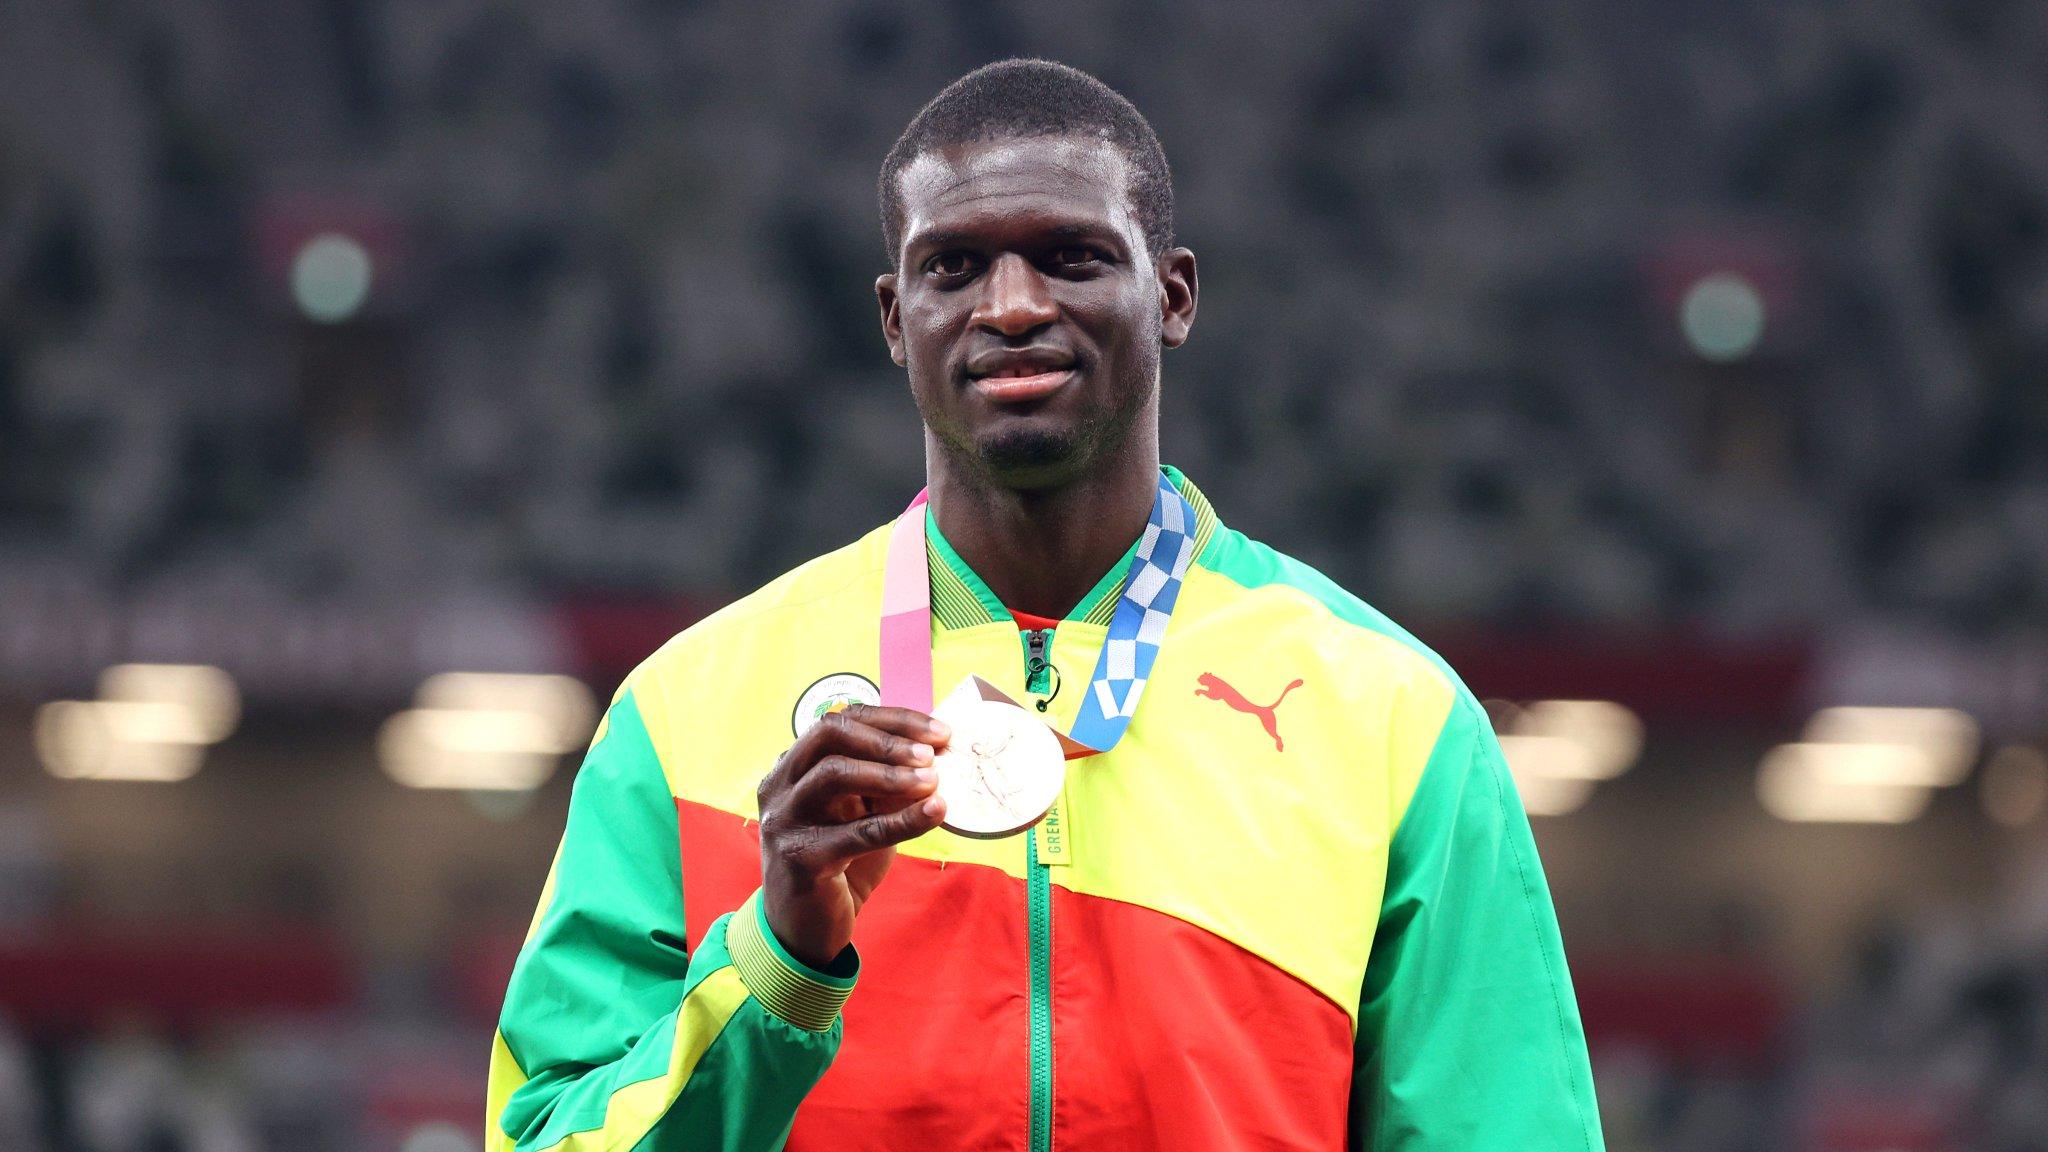 Kirani James bronze medal